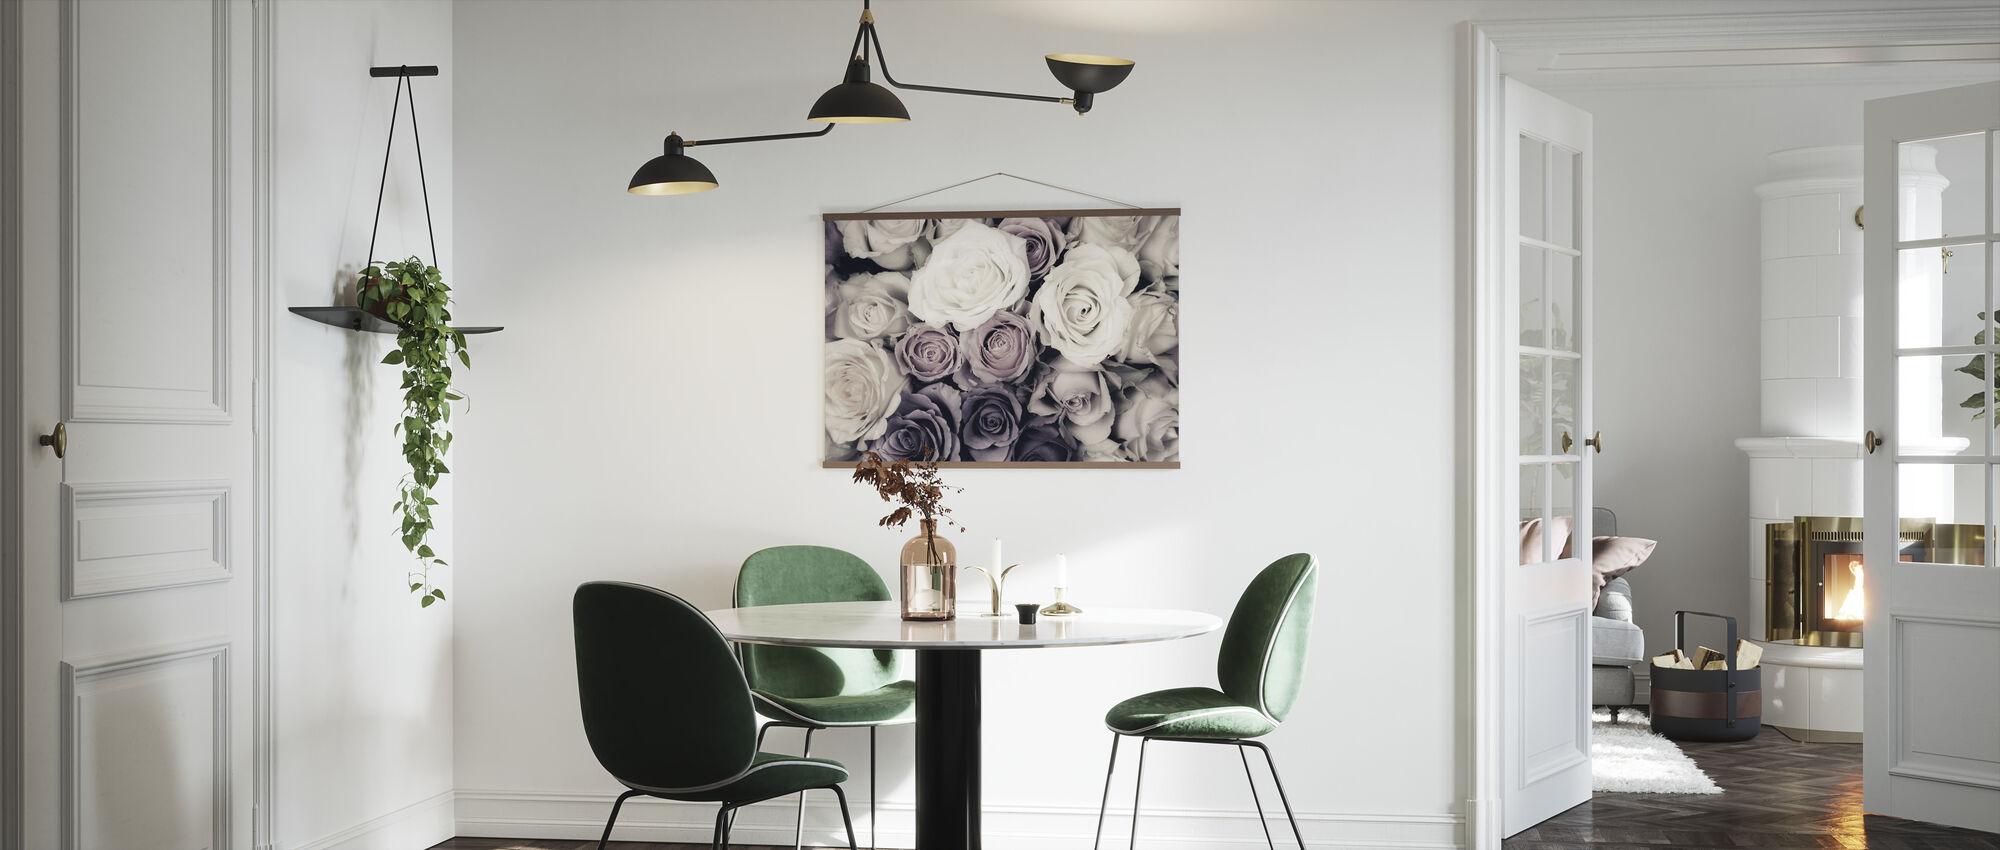 Mørke roser - Plakat - Kjøkken